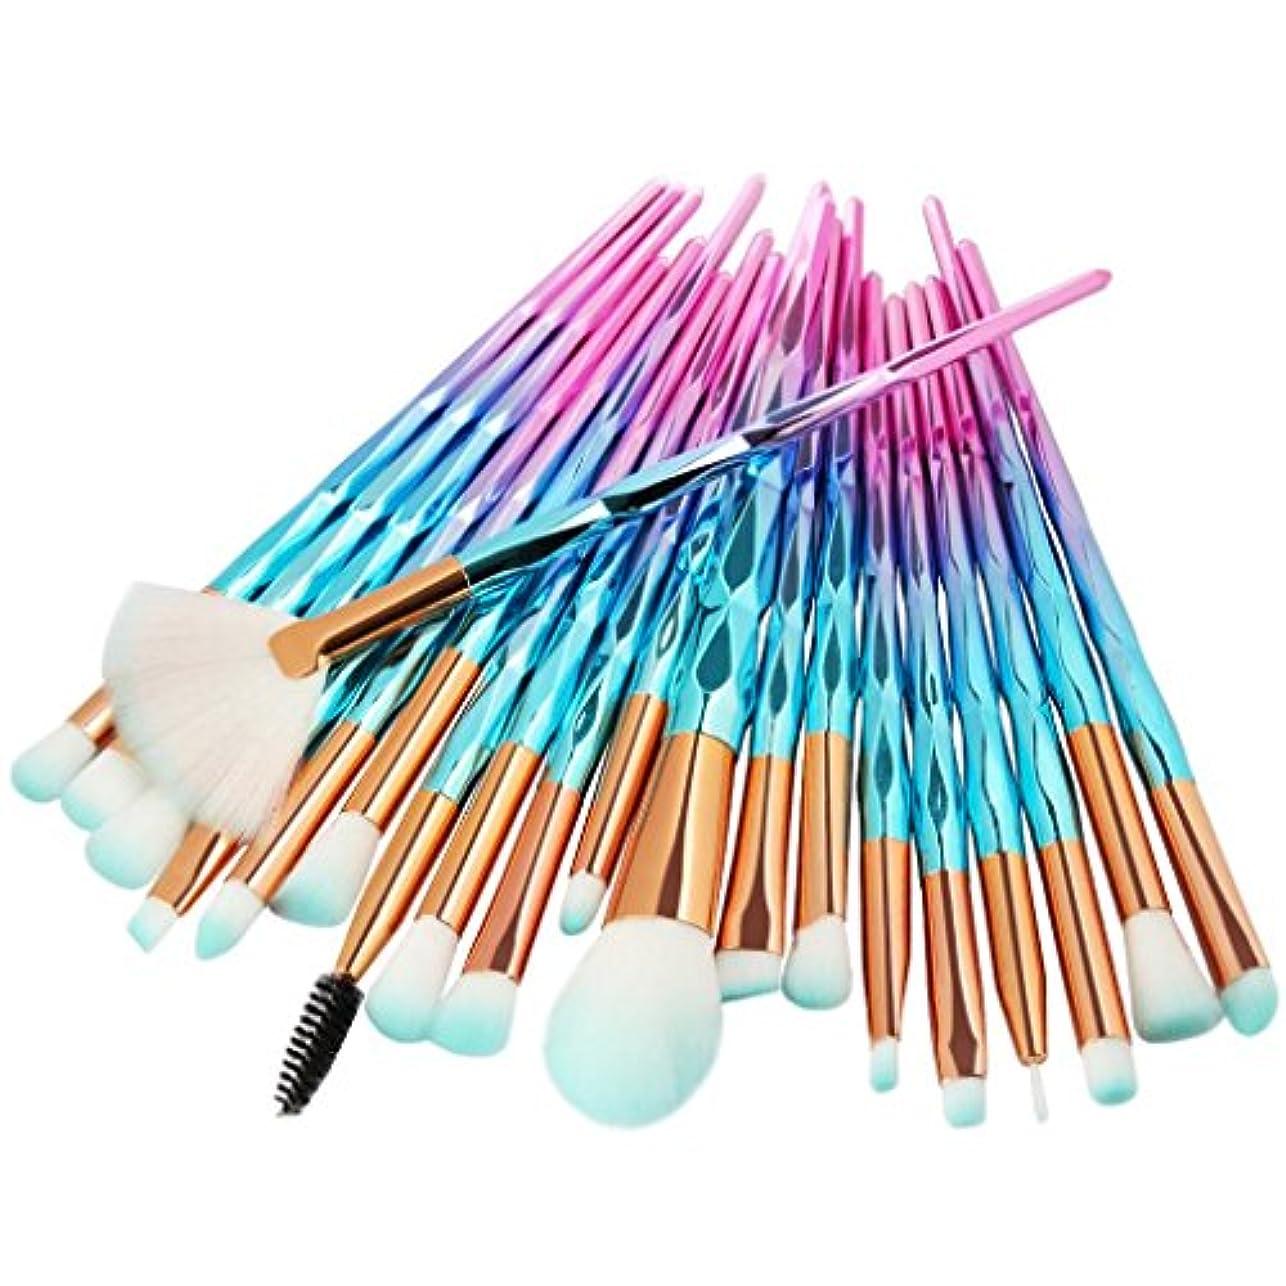 結果平行有料Feteso メイクブラシ メイクブラシセット 多色 20 本セット 人気 化粧ブラシ ふわふわ 敏感肌適用 メイク道具 プレゼント アイシャドウ アイライナー Makeup Brushes Set